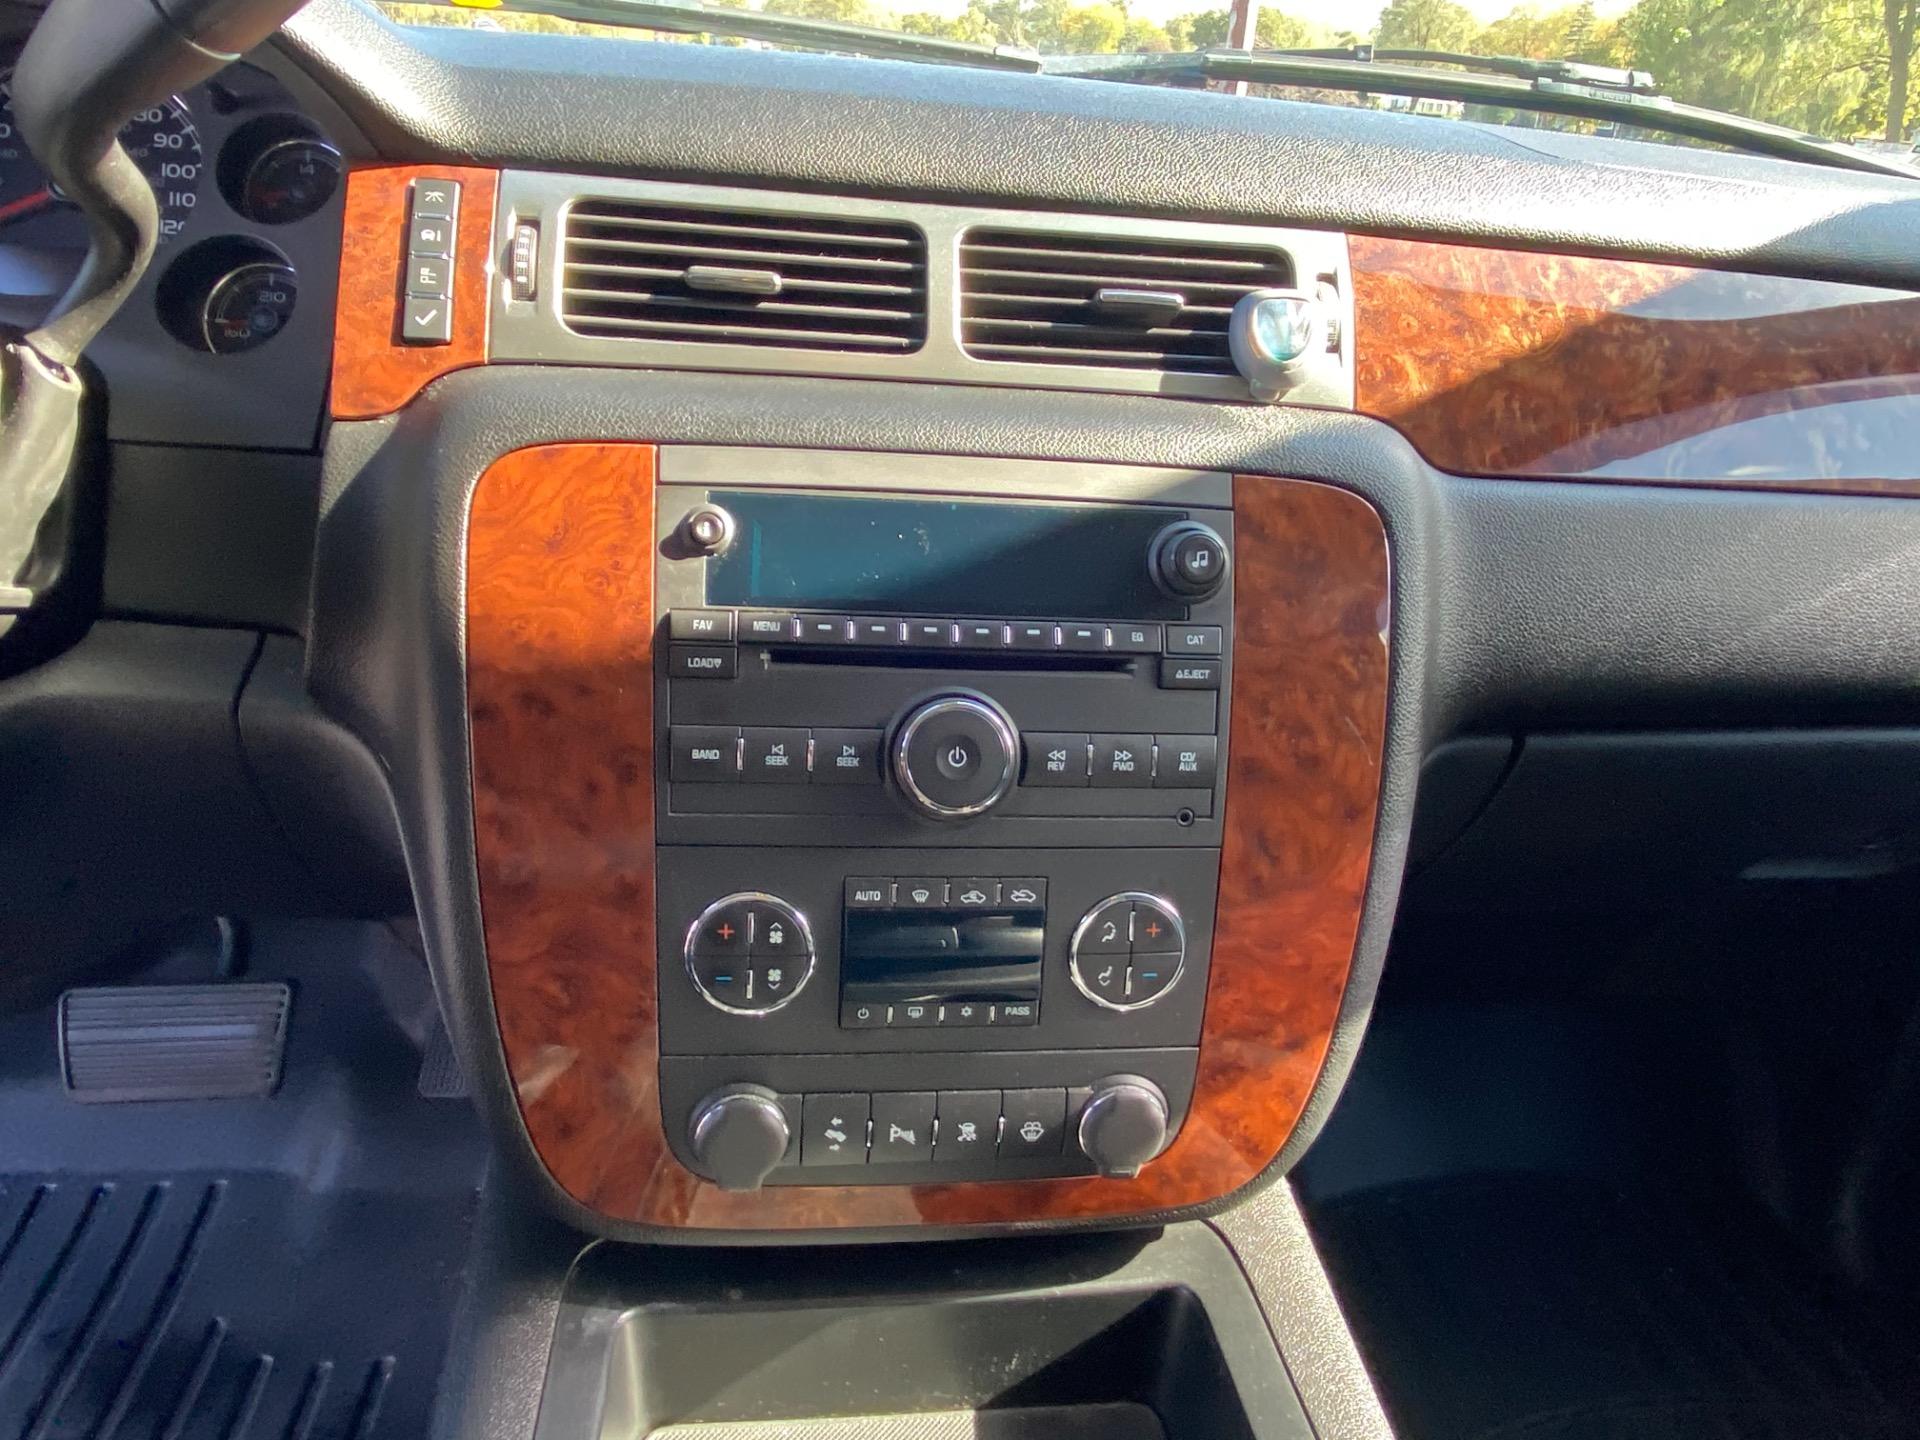 Used 2007 Chevrolet Avalanche LTZ 1500 | Mundelein, IL